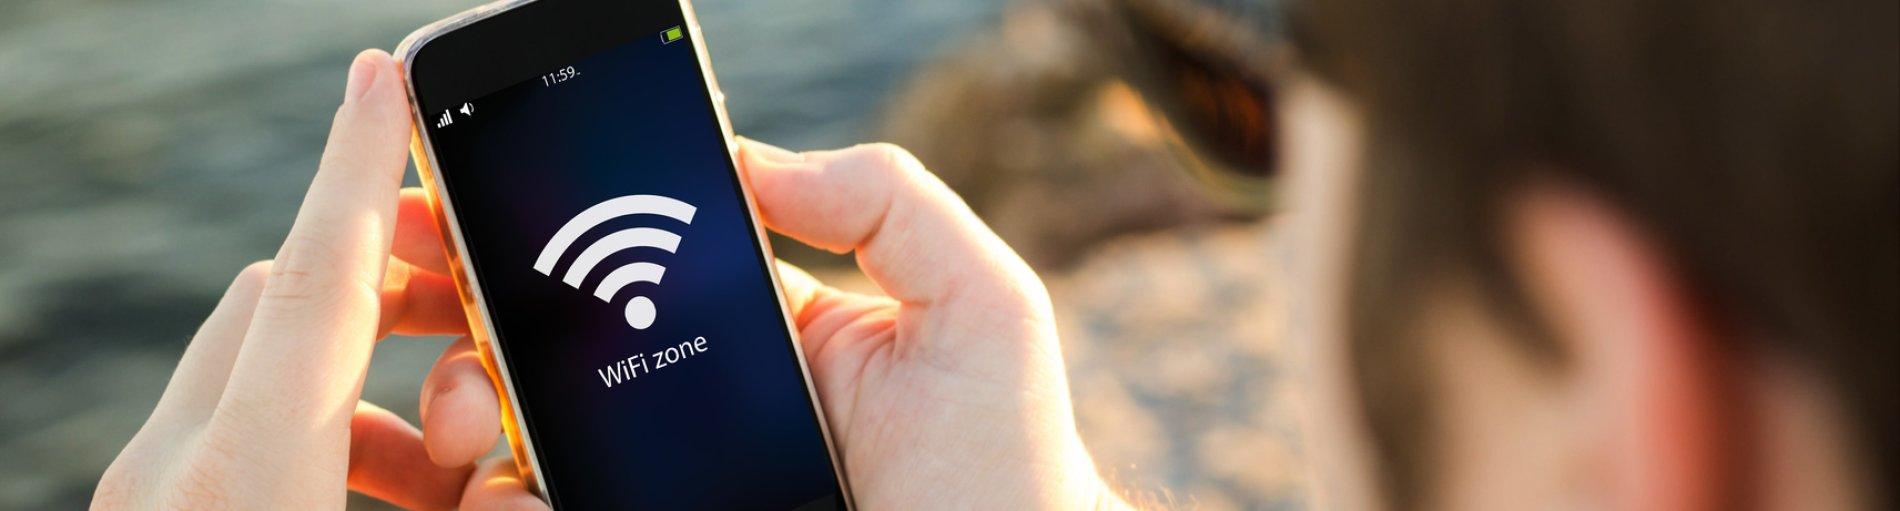 Ein Mann Hand hält ein Smartphone auf dem ein Wlan-Symbol zu sehen ist